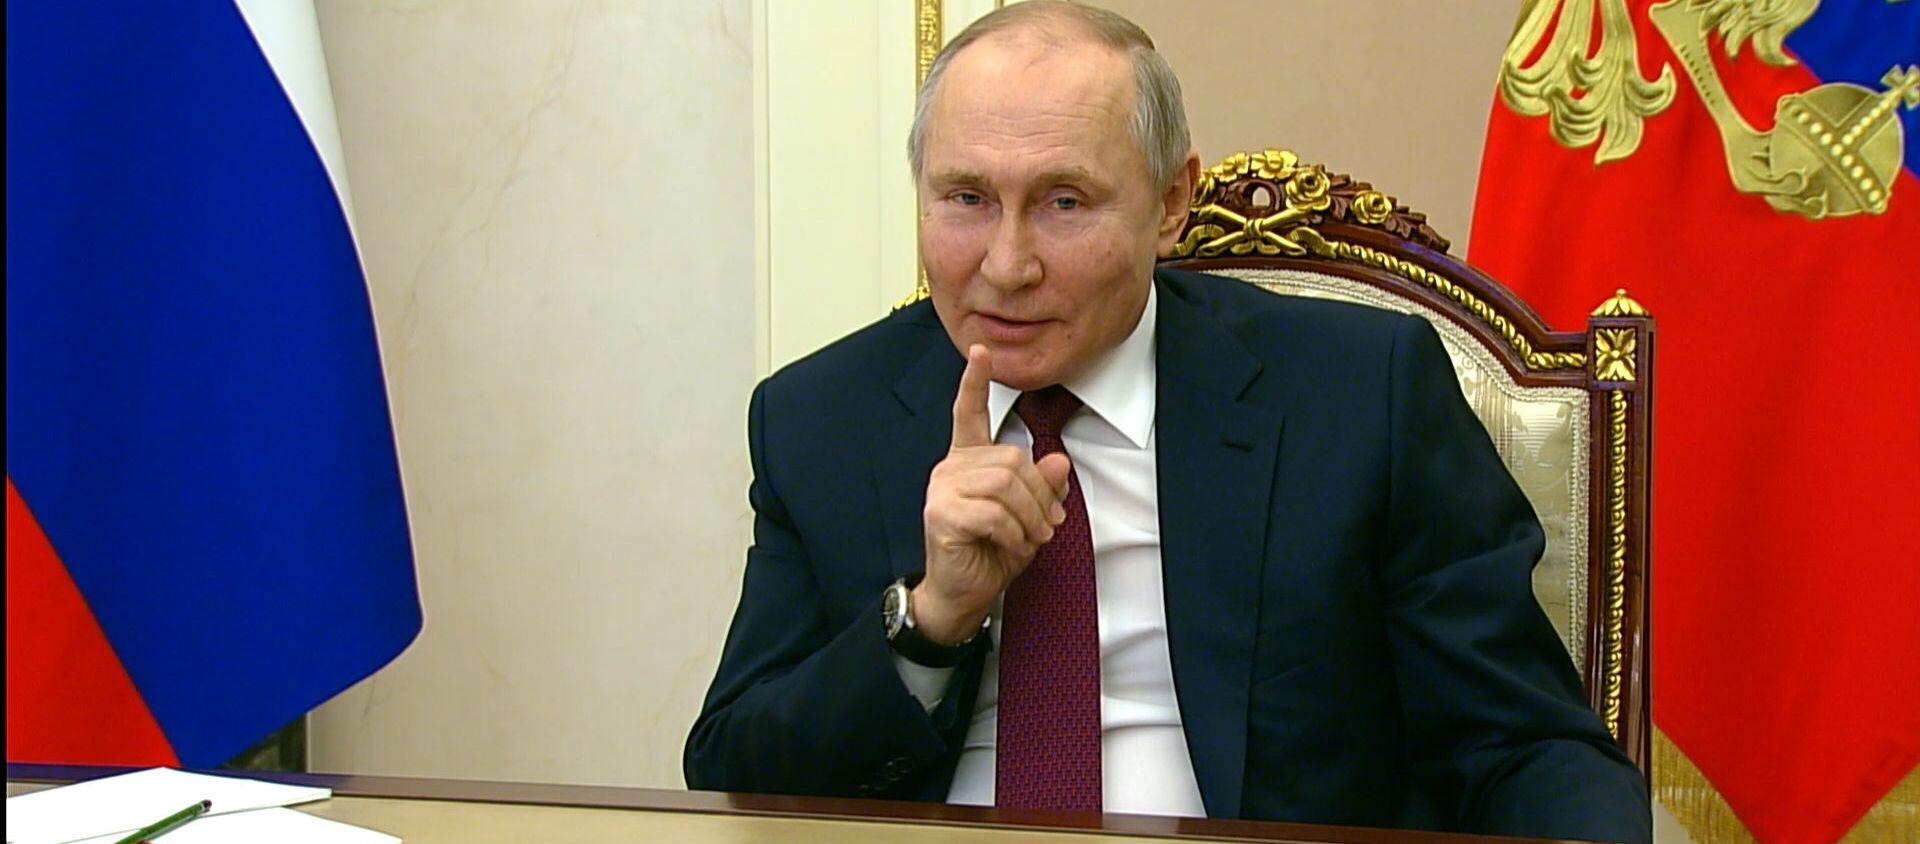 Будьте здоровы: Путин ответил на обвинения Байдена - Sputnik Абхазия, 1920, 18.03.2021